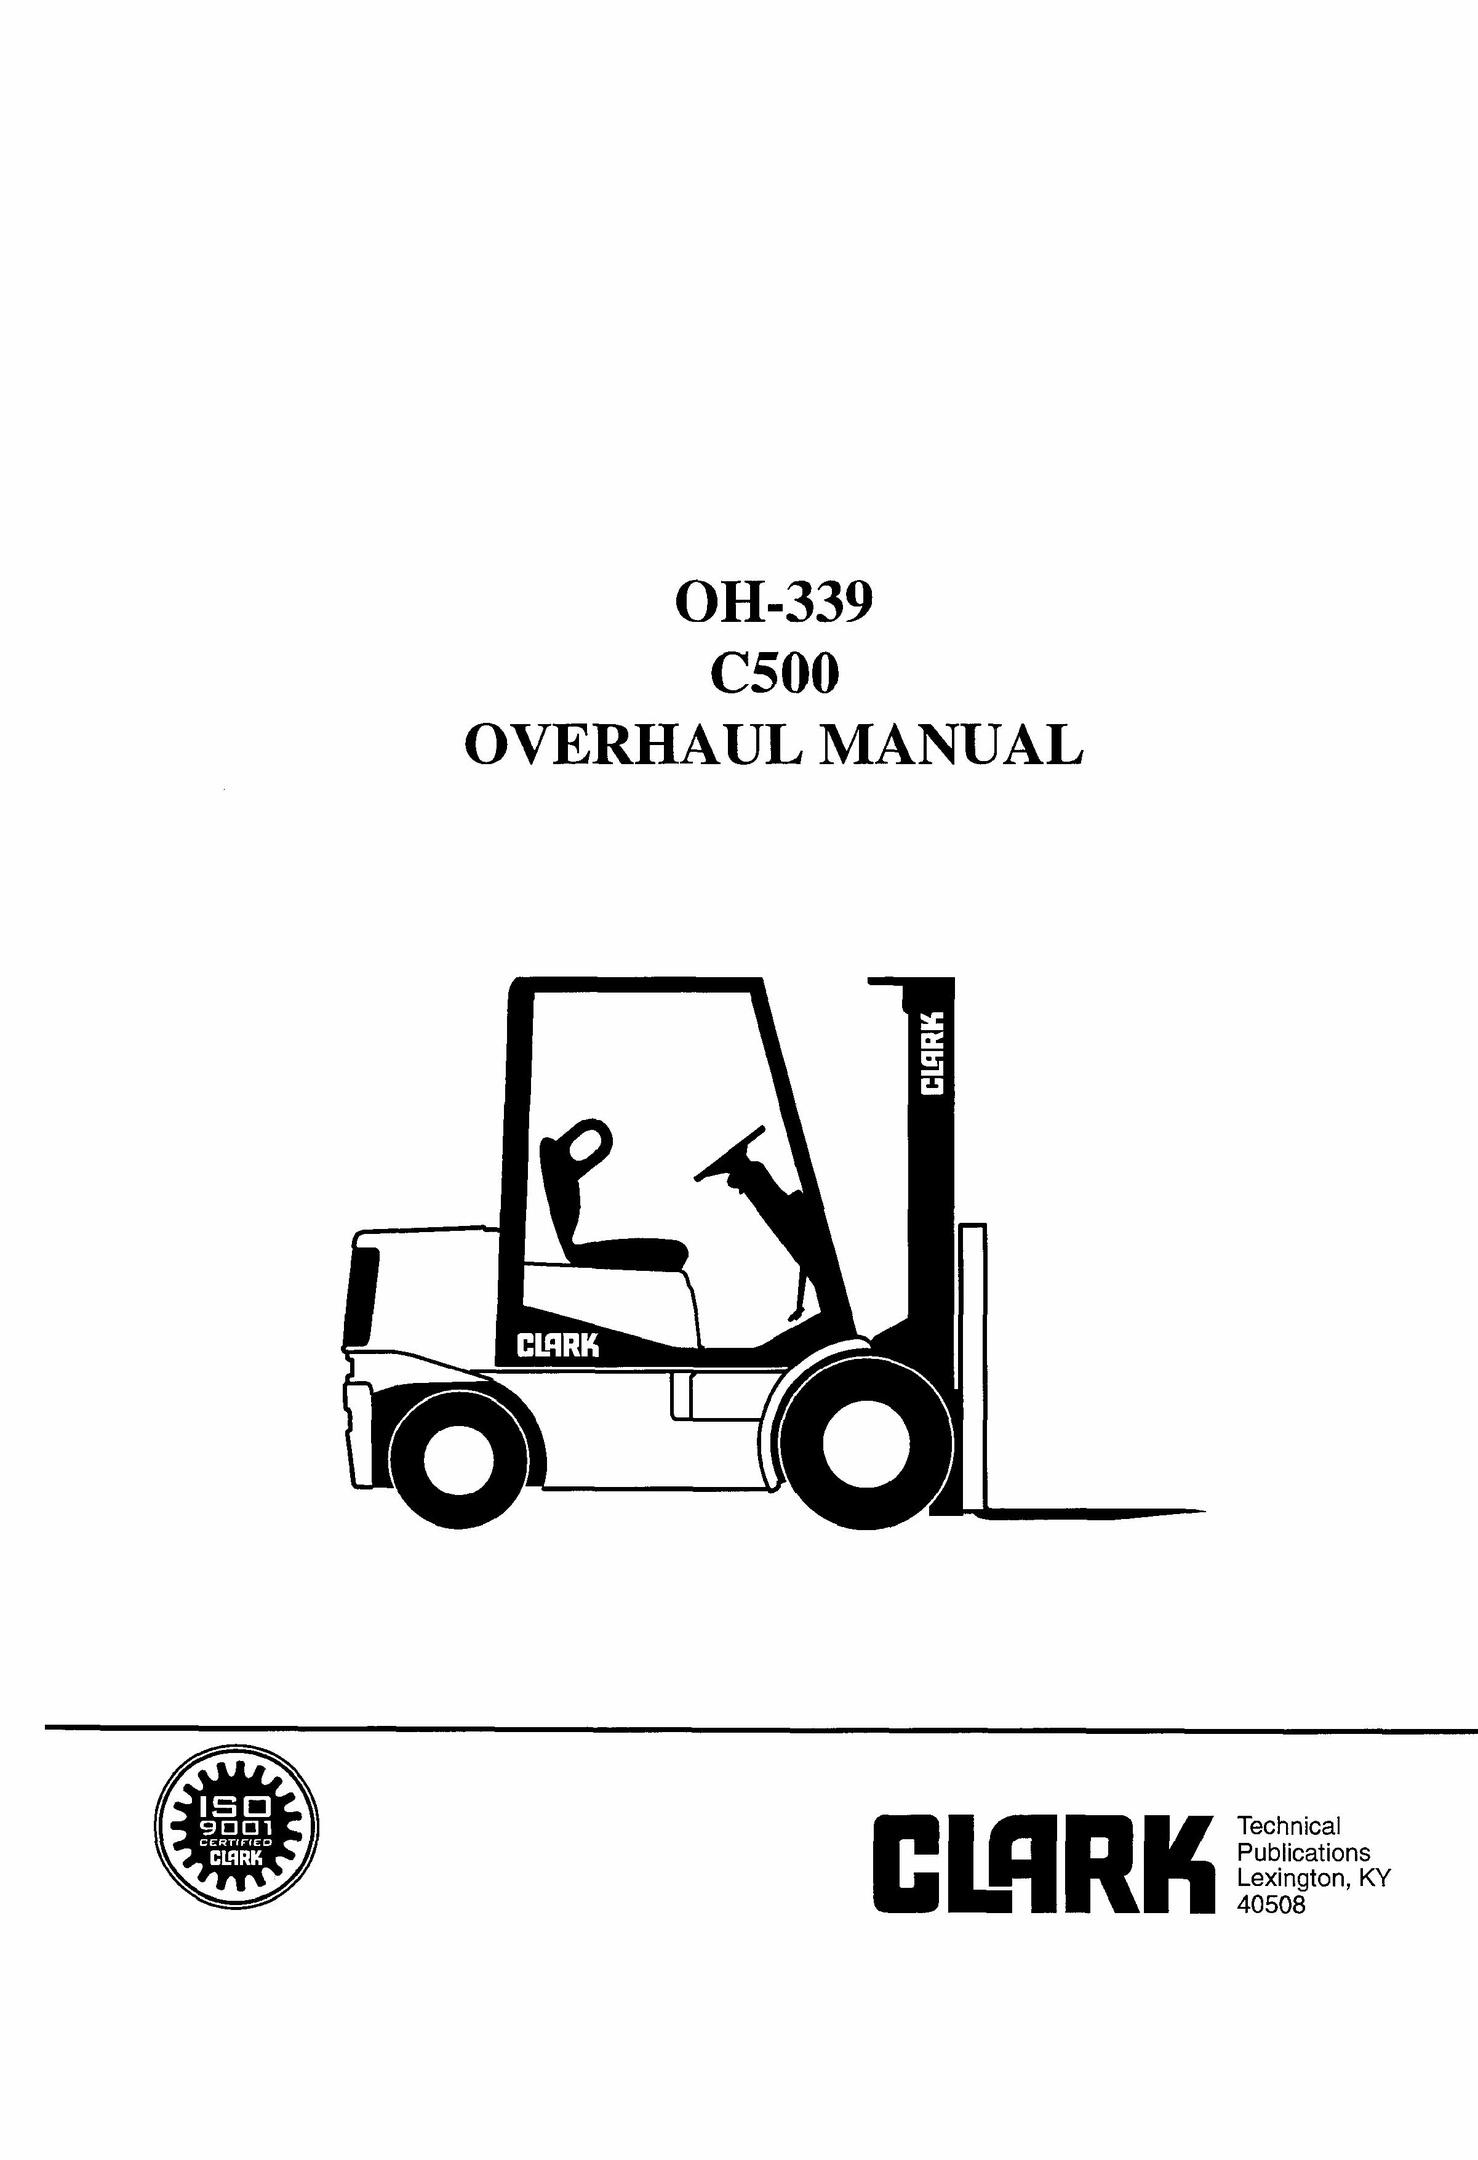 [CSDW_4250]   WRG-5461] Cgc25 Clark Forklift Wiring Diagram | Cgc25 Clark Forklift Wiring Diagram |  | luiscollectionskw0708.mx.tl